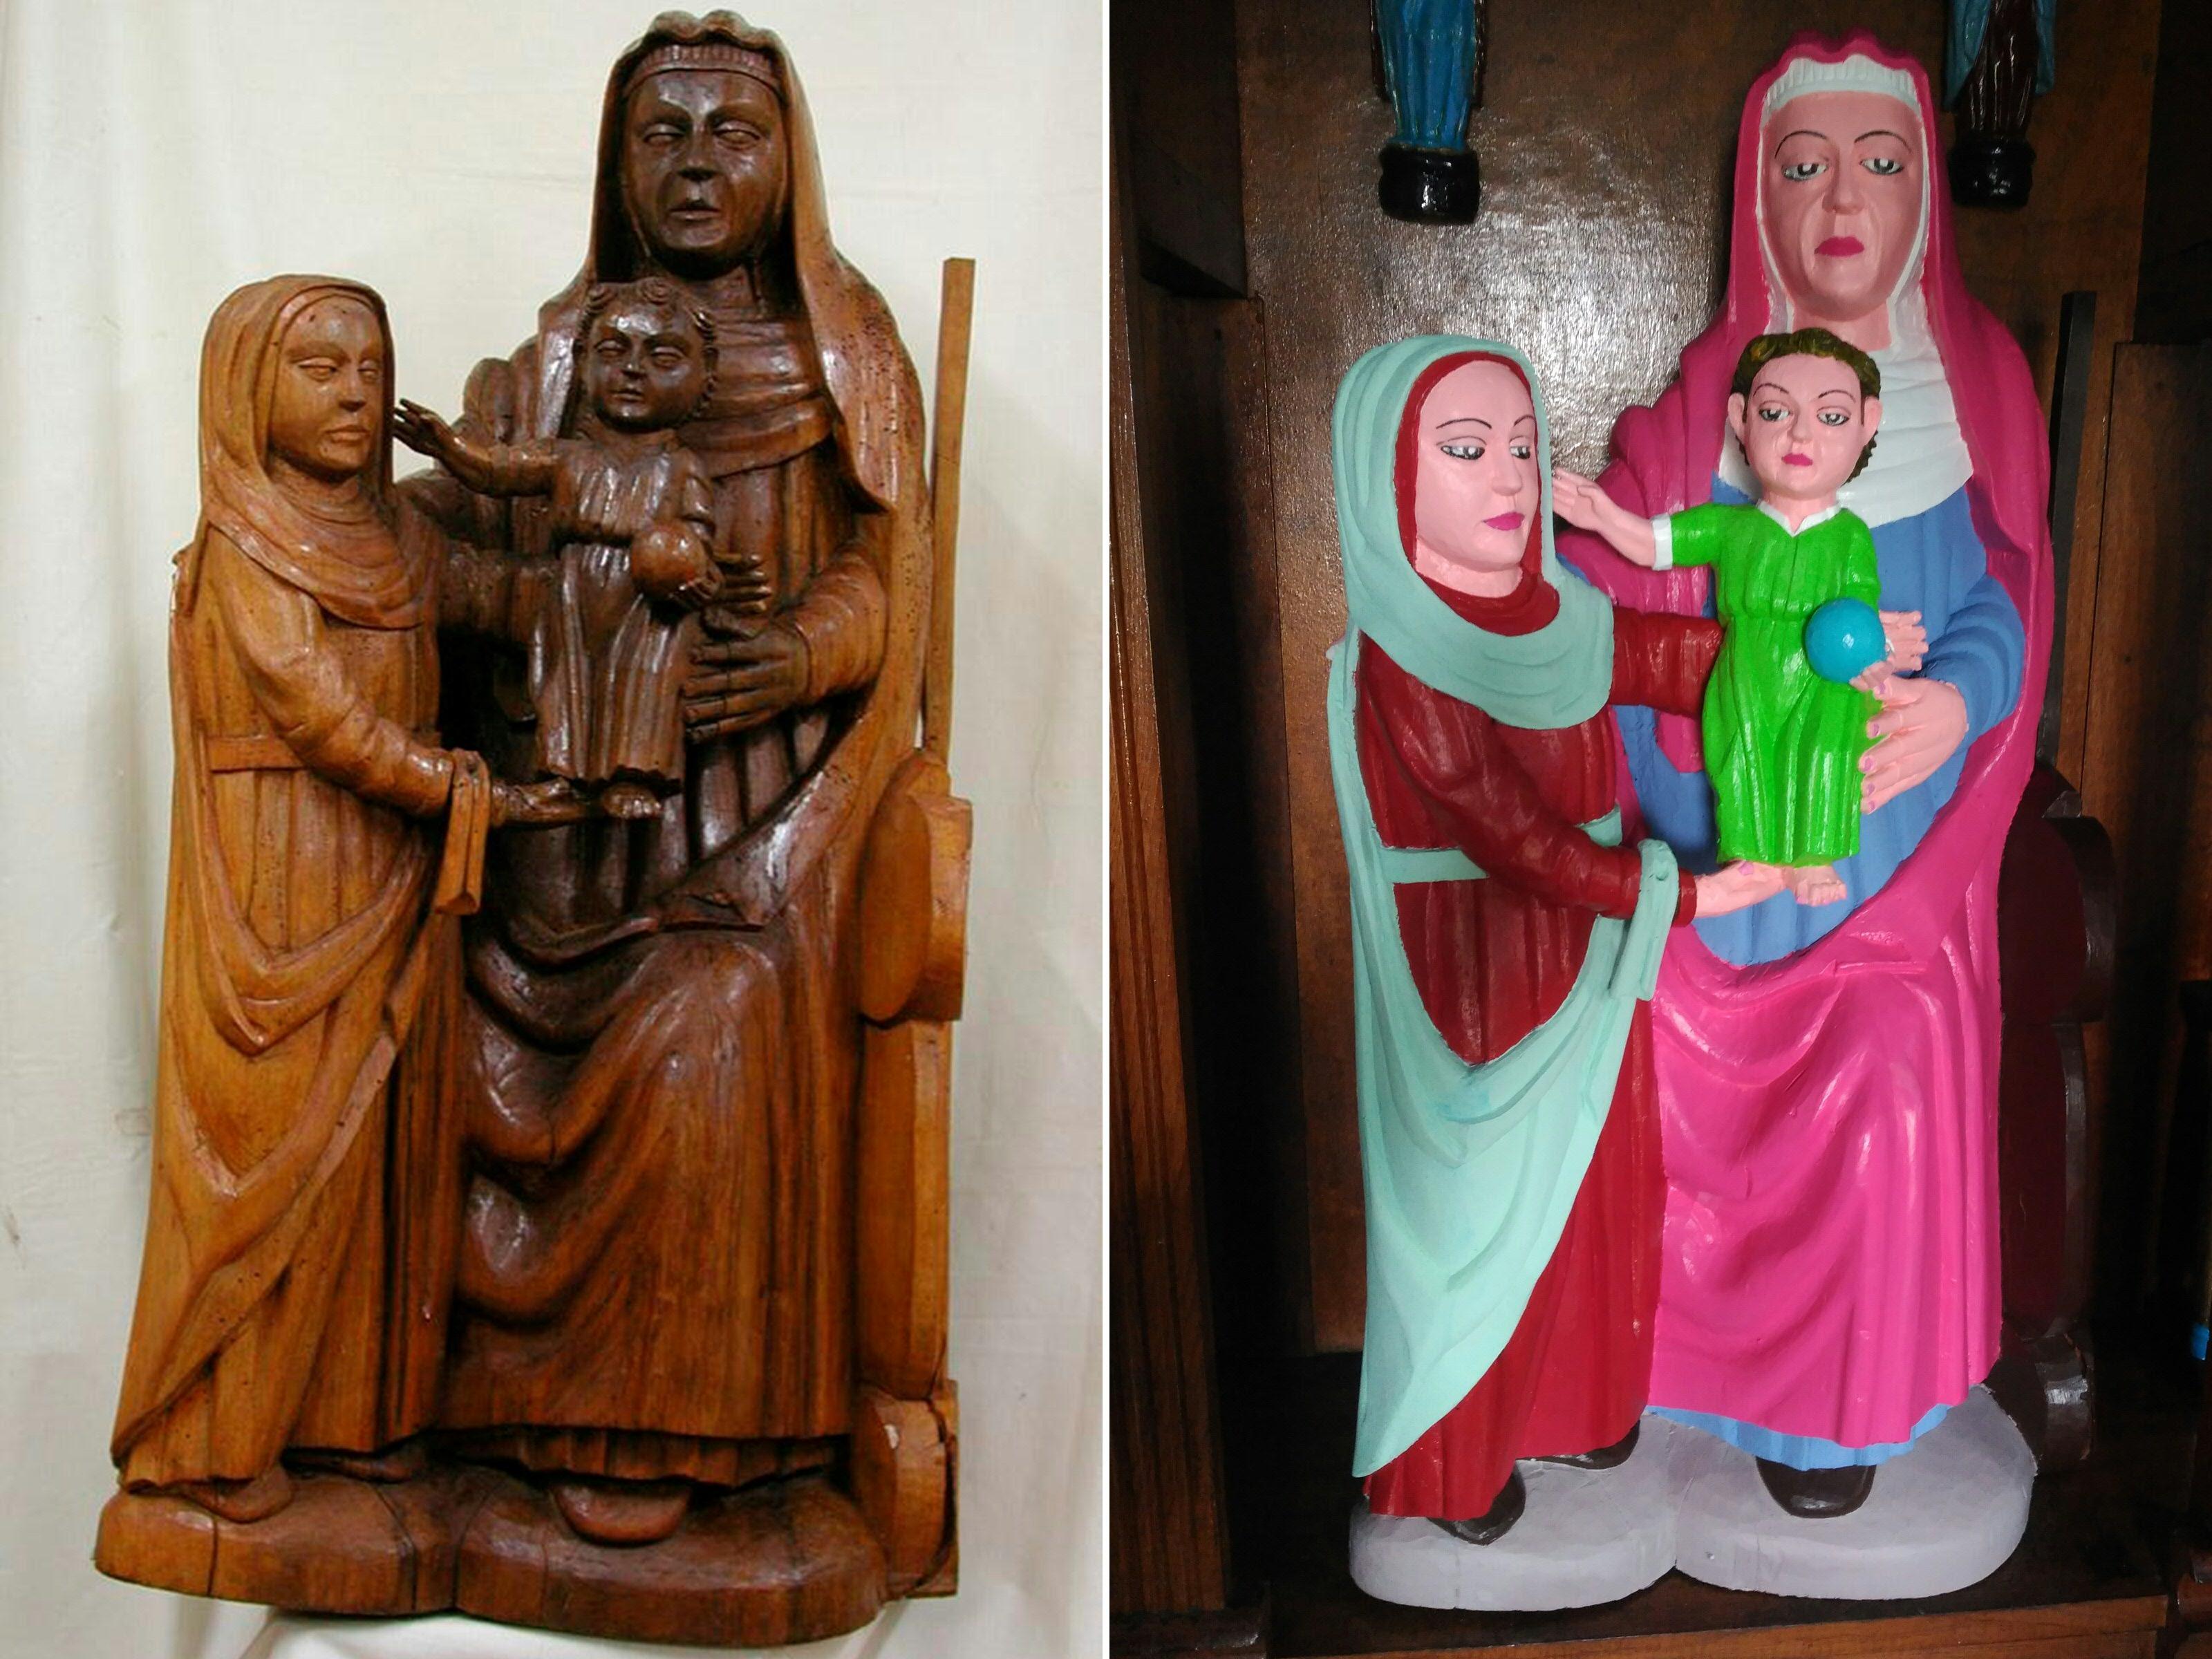 Egy helyi asszonyra bízták a XV. századi Jézus-szobor restaurálást a spanyol faluban, és pont az történt, amire számítani lehetett